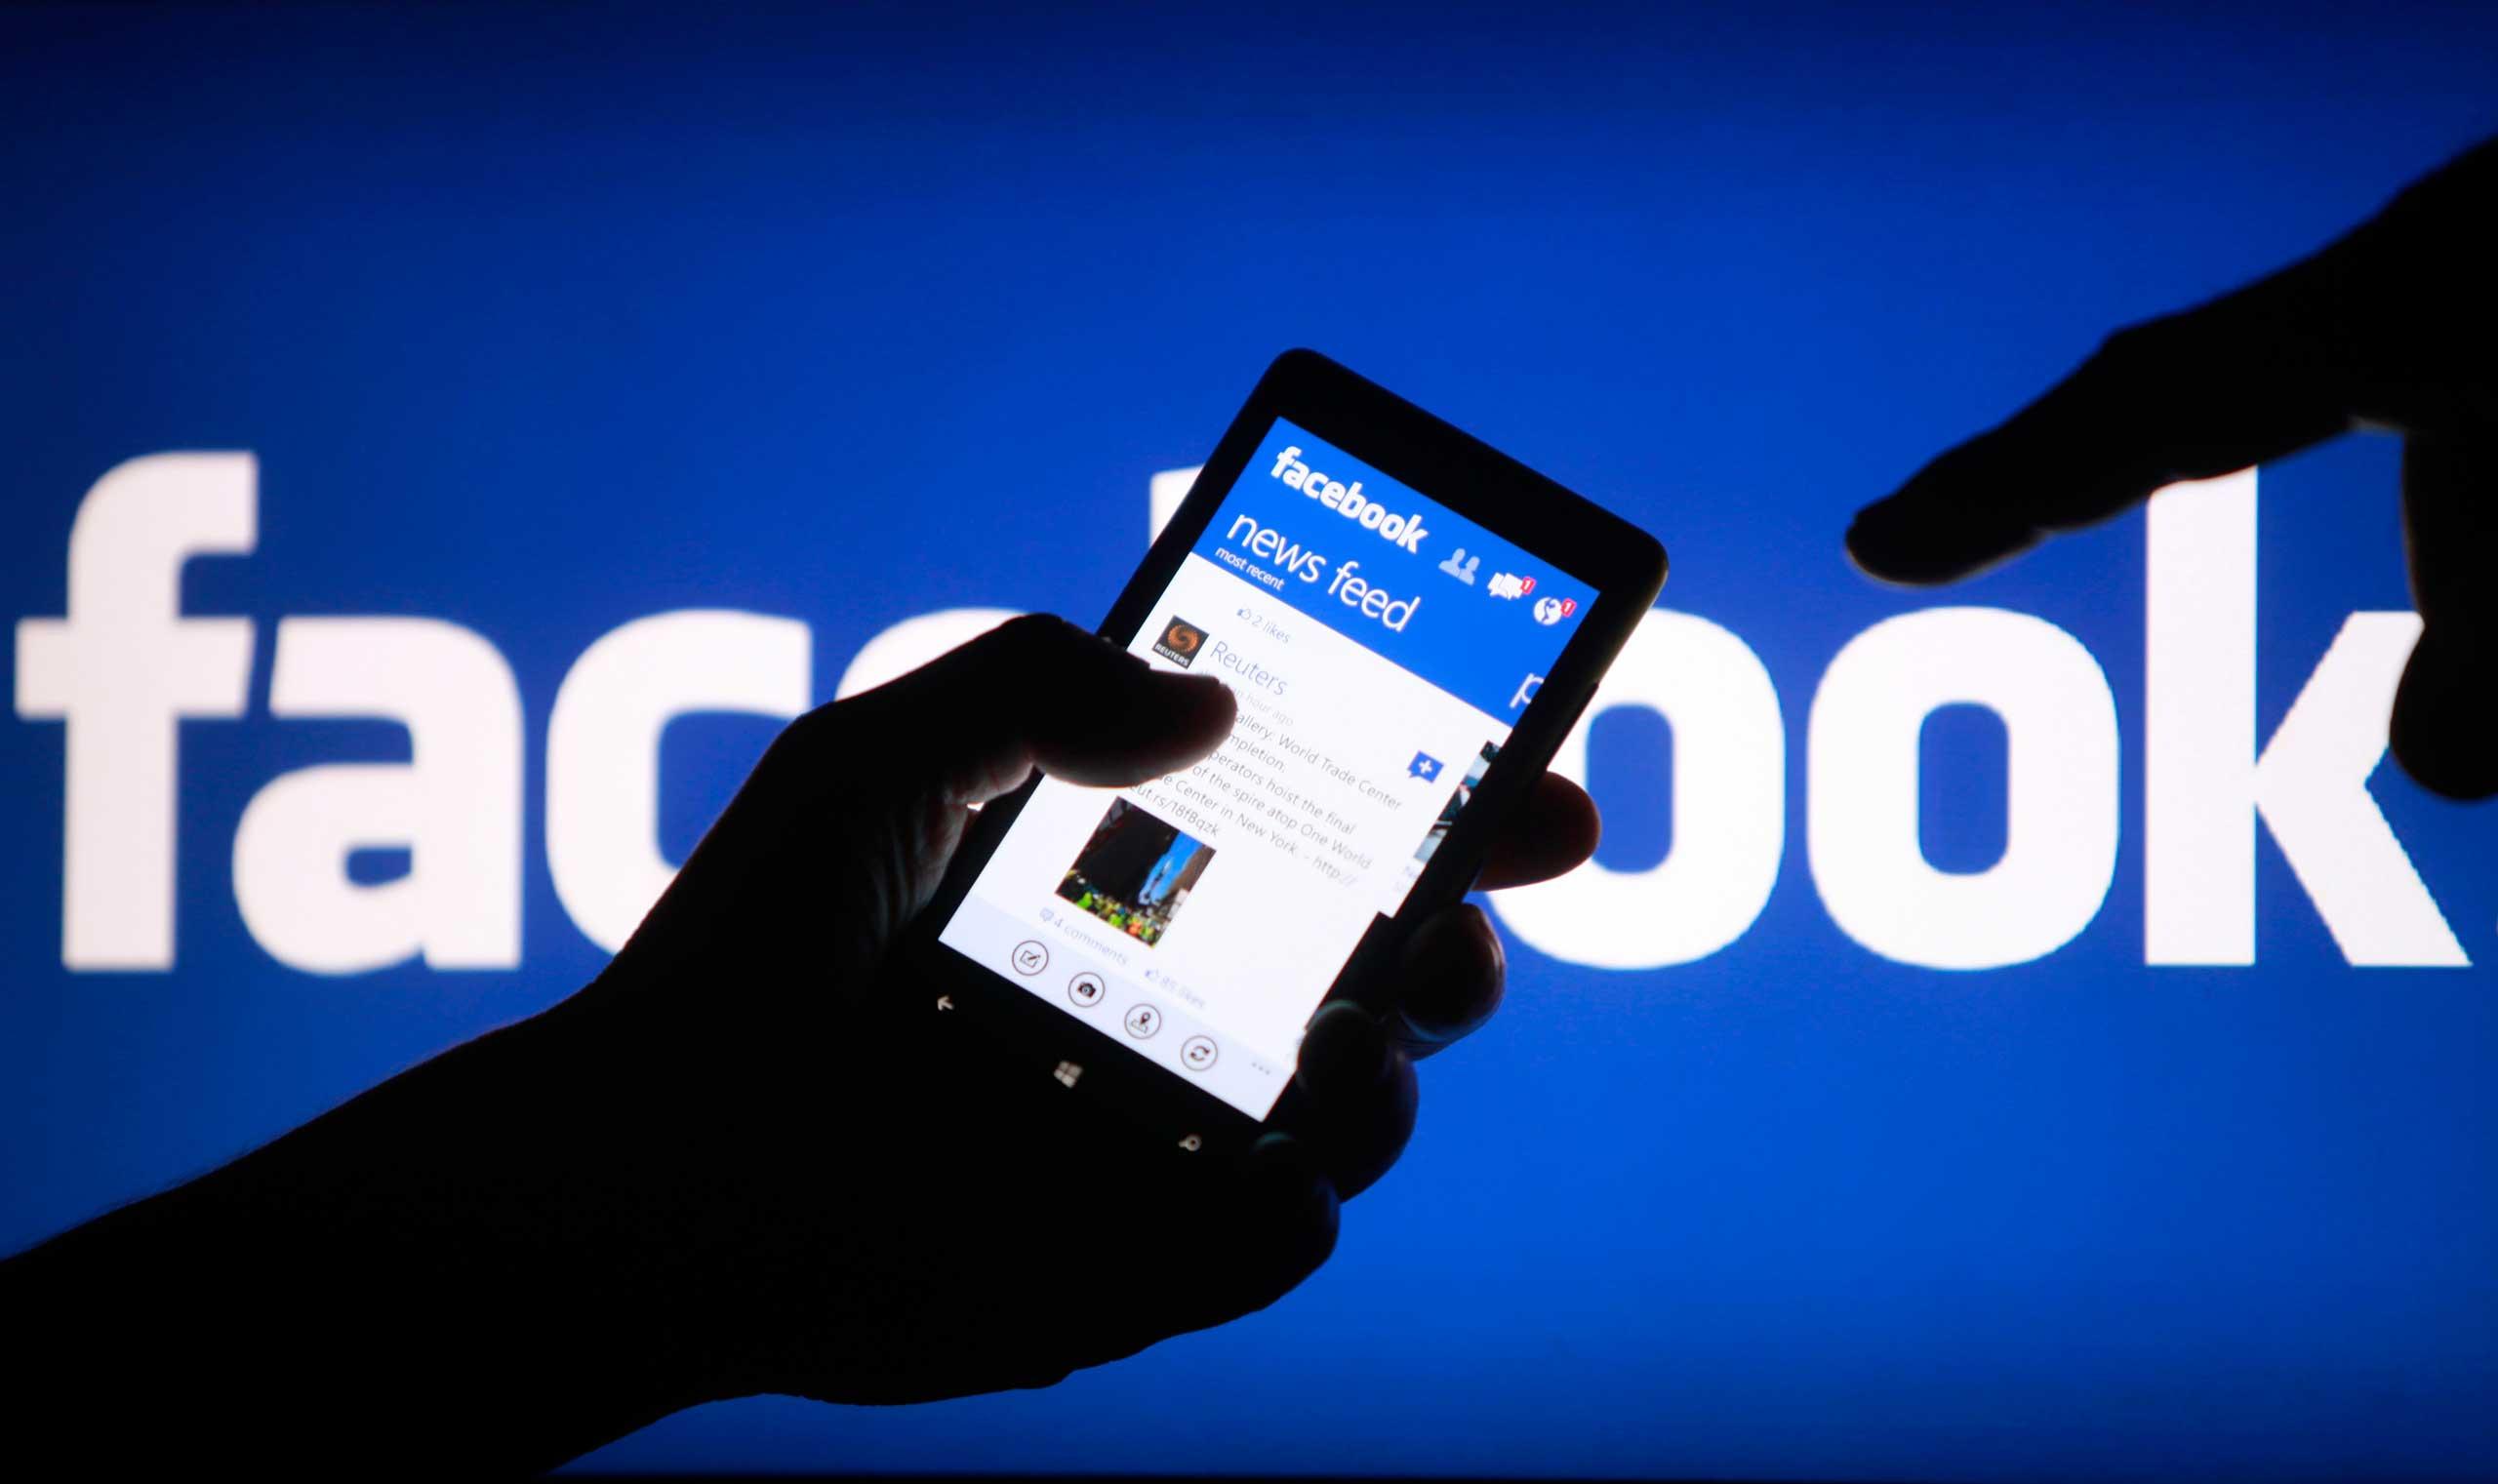 Фейсбук и Твиттер упрекнули в недостаточной цензуре